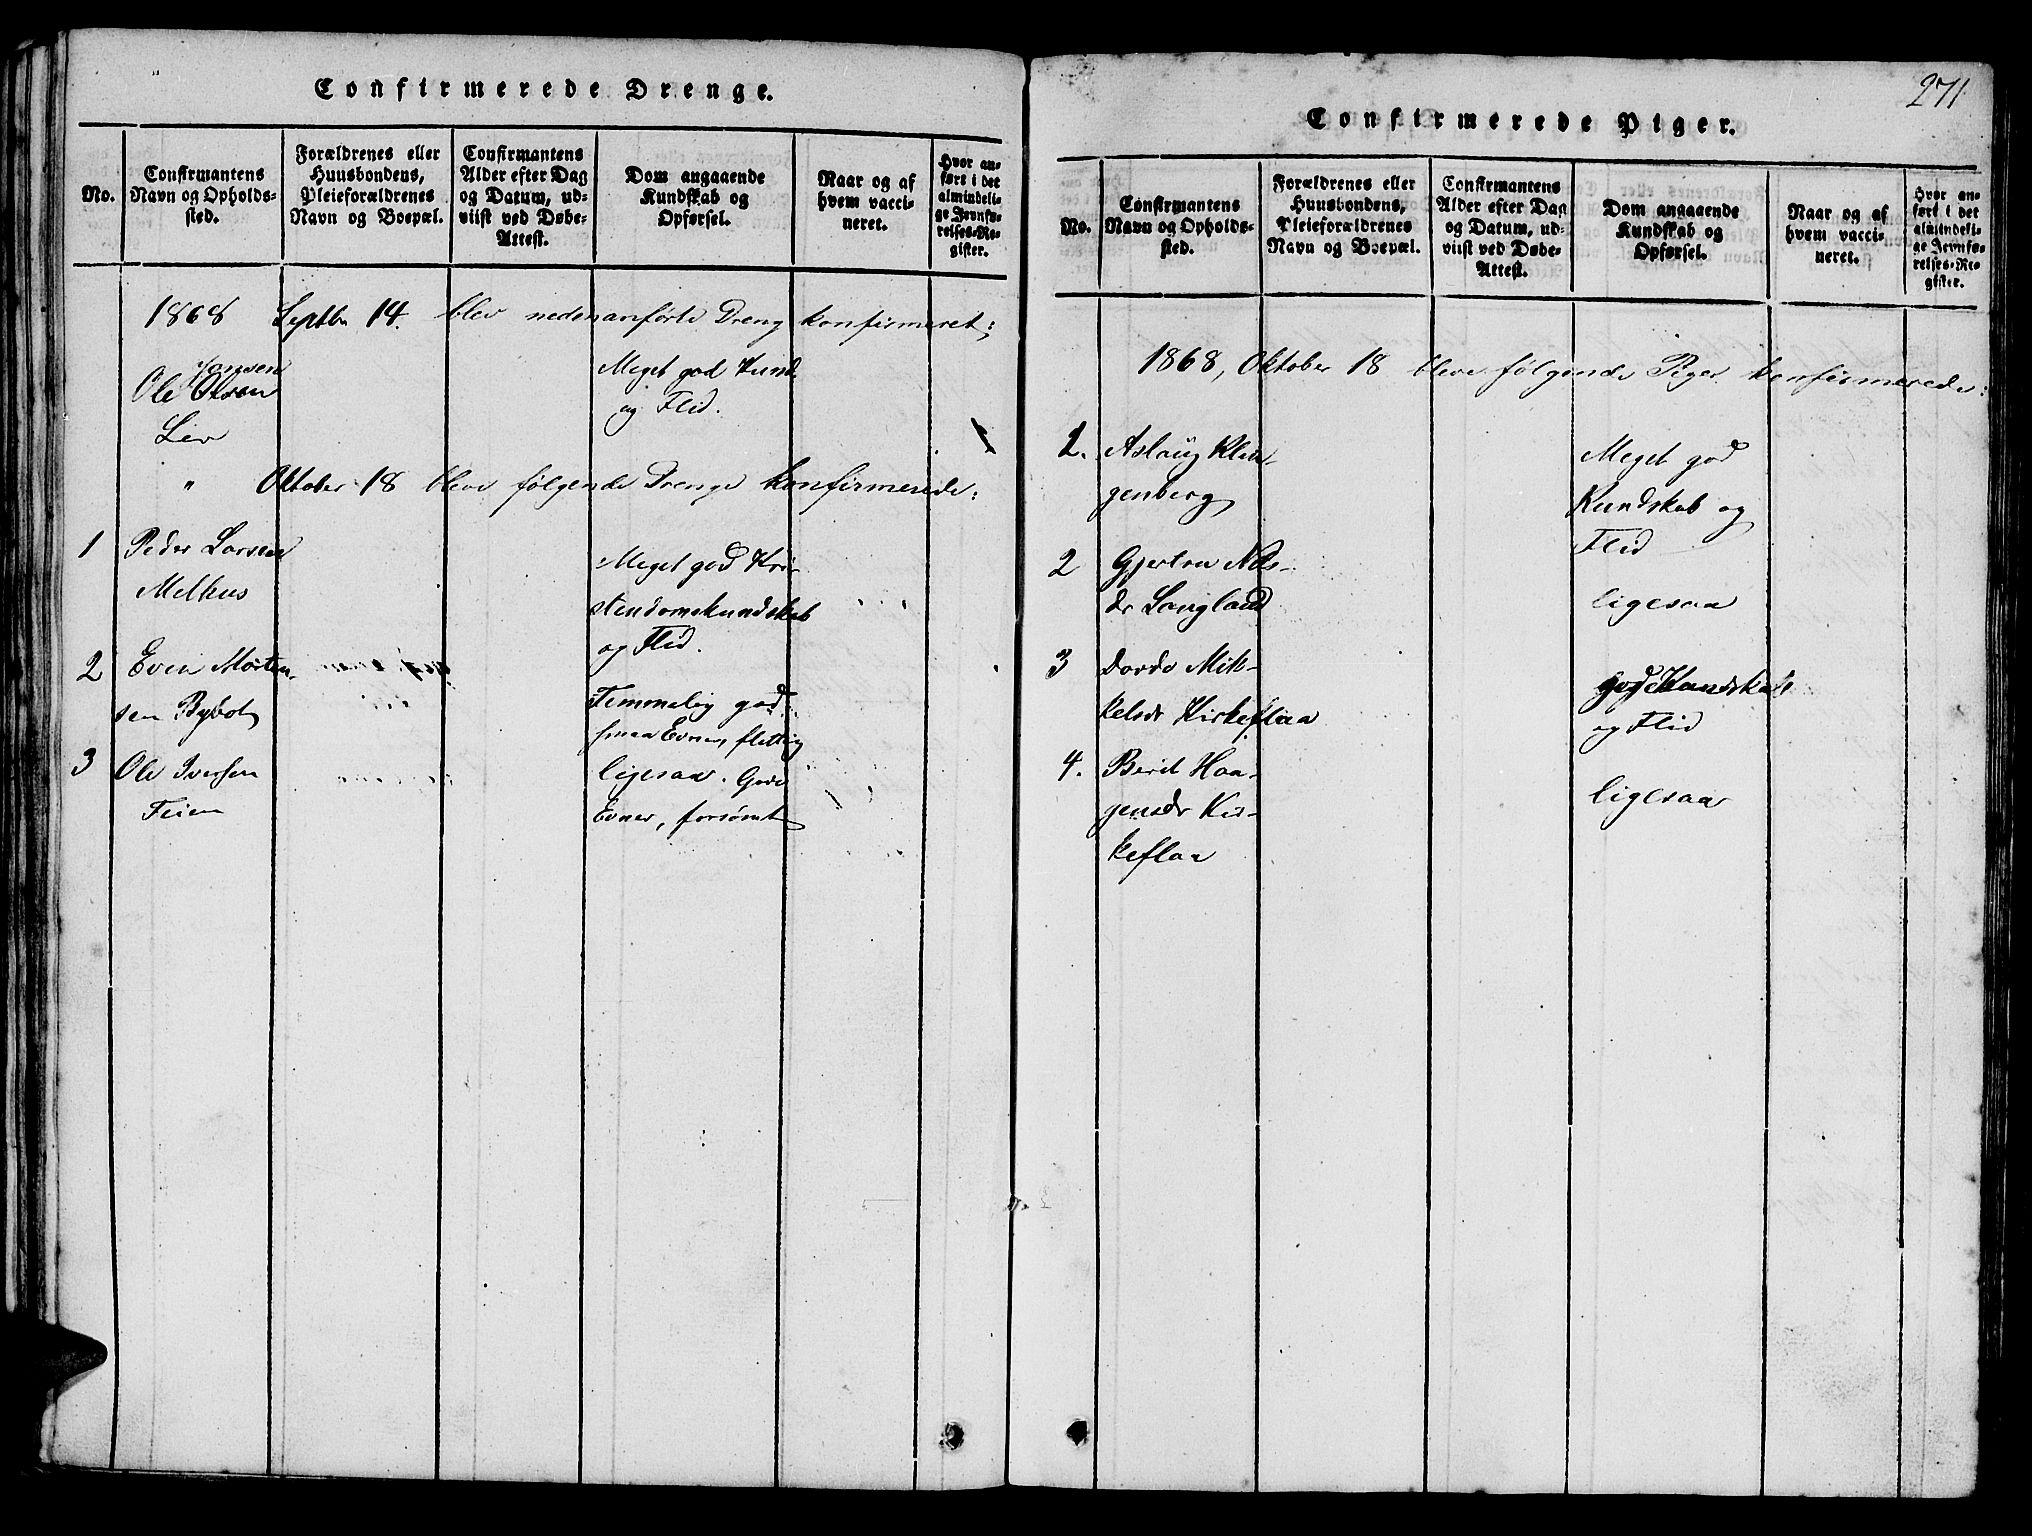 SAT, Ministerialprotokoller, klokkerbøker og fødselsregistre - Sør-Trøndelag, 693/L1121: Klokkerbok nr. 693C02, 1816-1869, s. 271